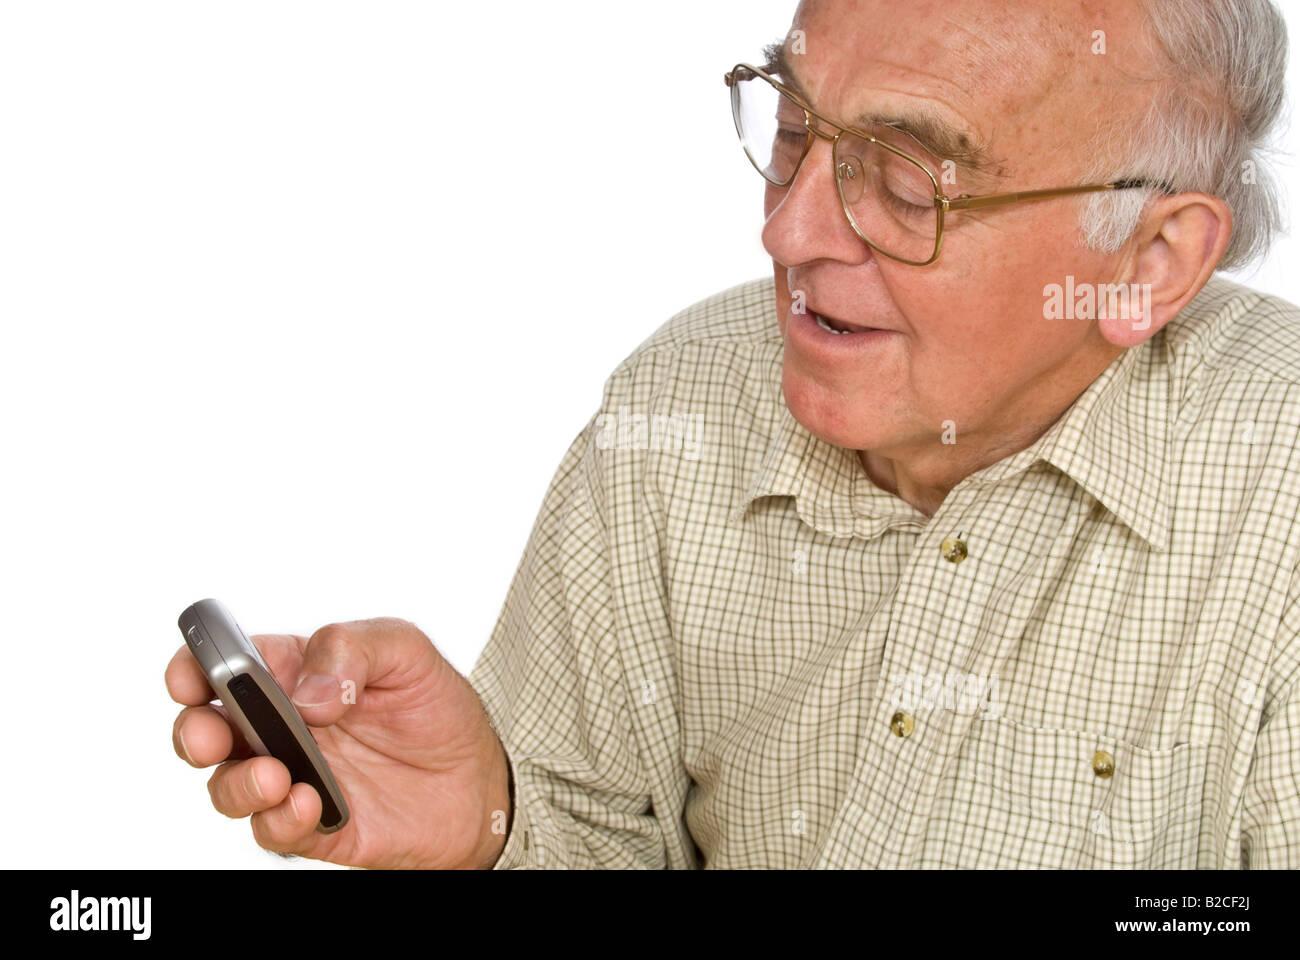 Vertical horizontal de un anciano caballero tiene dificultades para usar los botones pequeños en un teléfono móvil Foto de stock